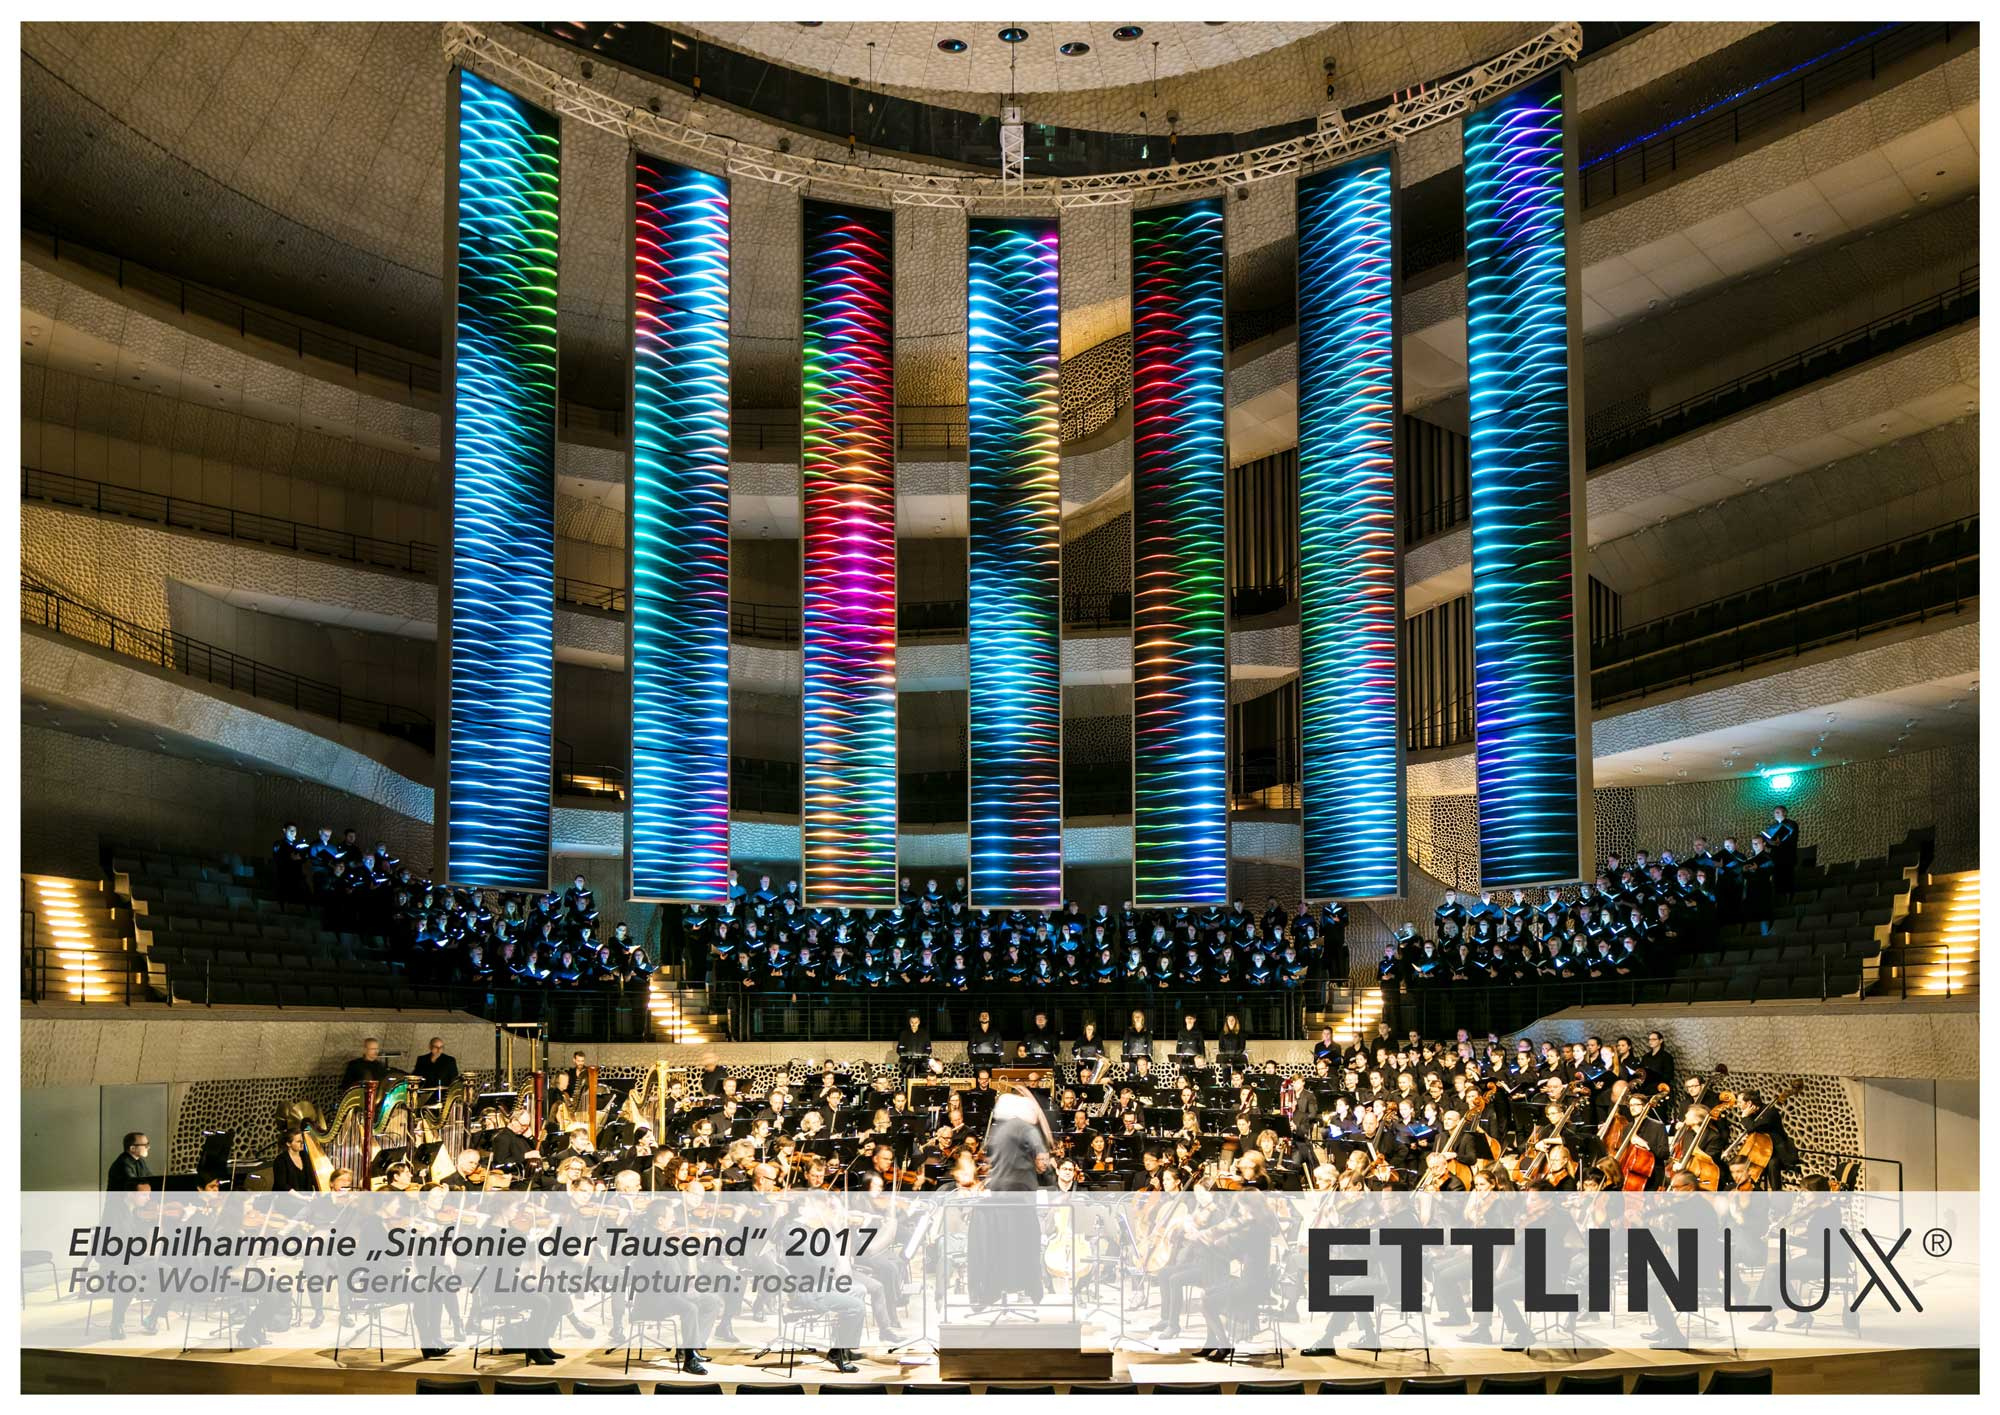 Dynamischer Lichteffekte von ETTLIN LUX in der Elbphilharmonie